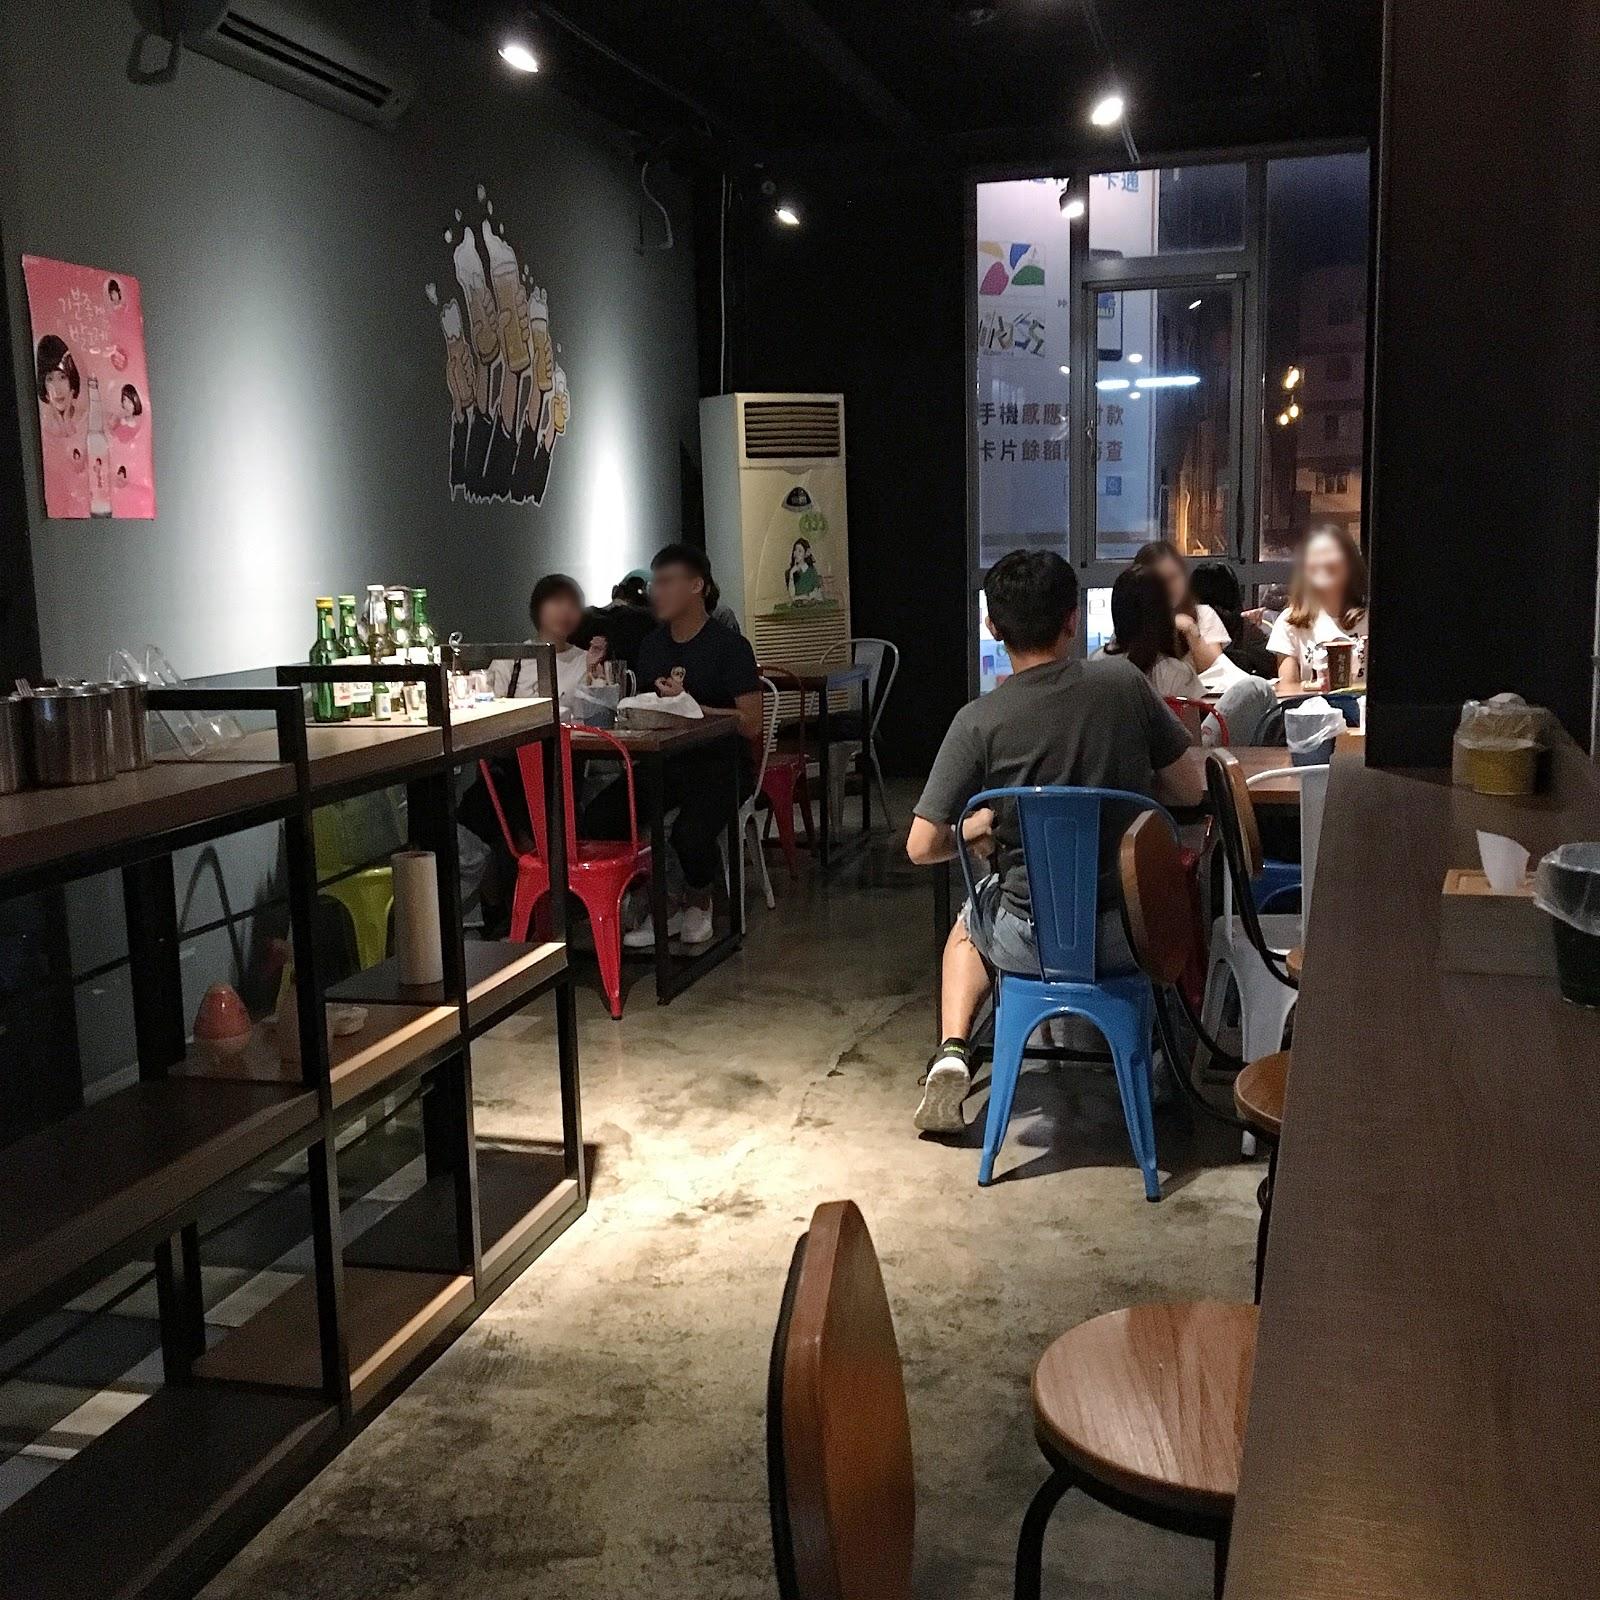 台南中西區美食韓國炸雞專賣店店內環境